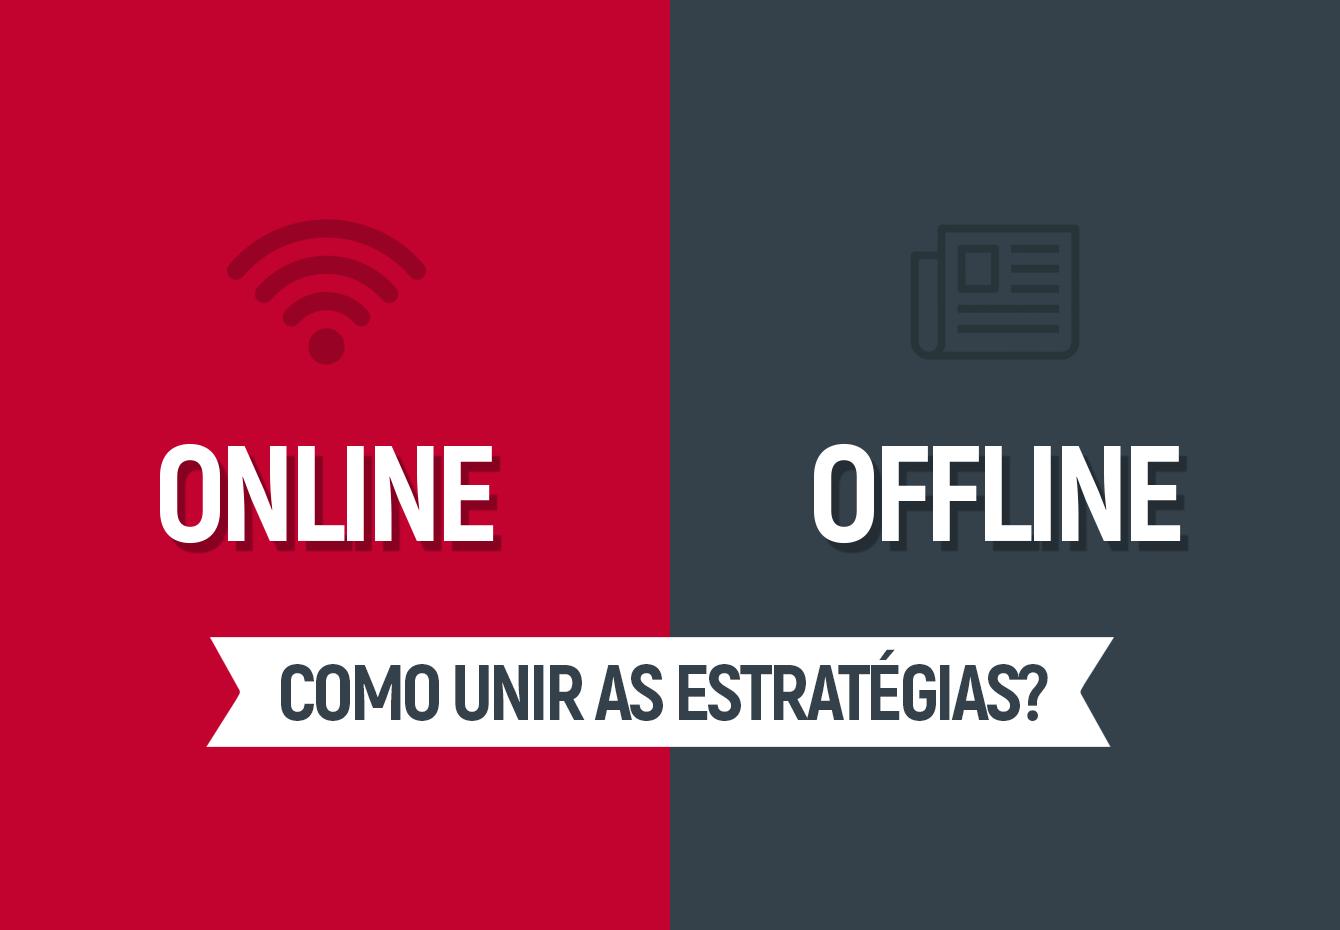 Offline x Online: como unir as estratégias?